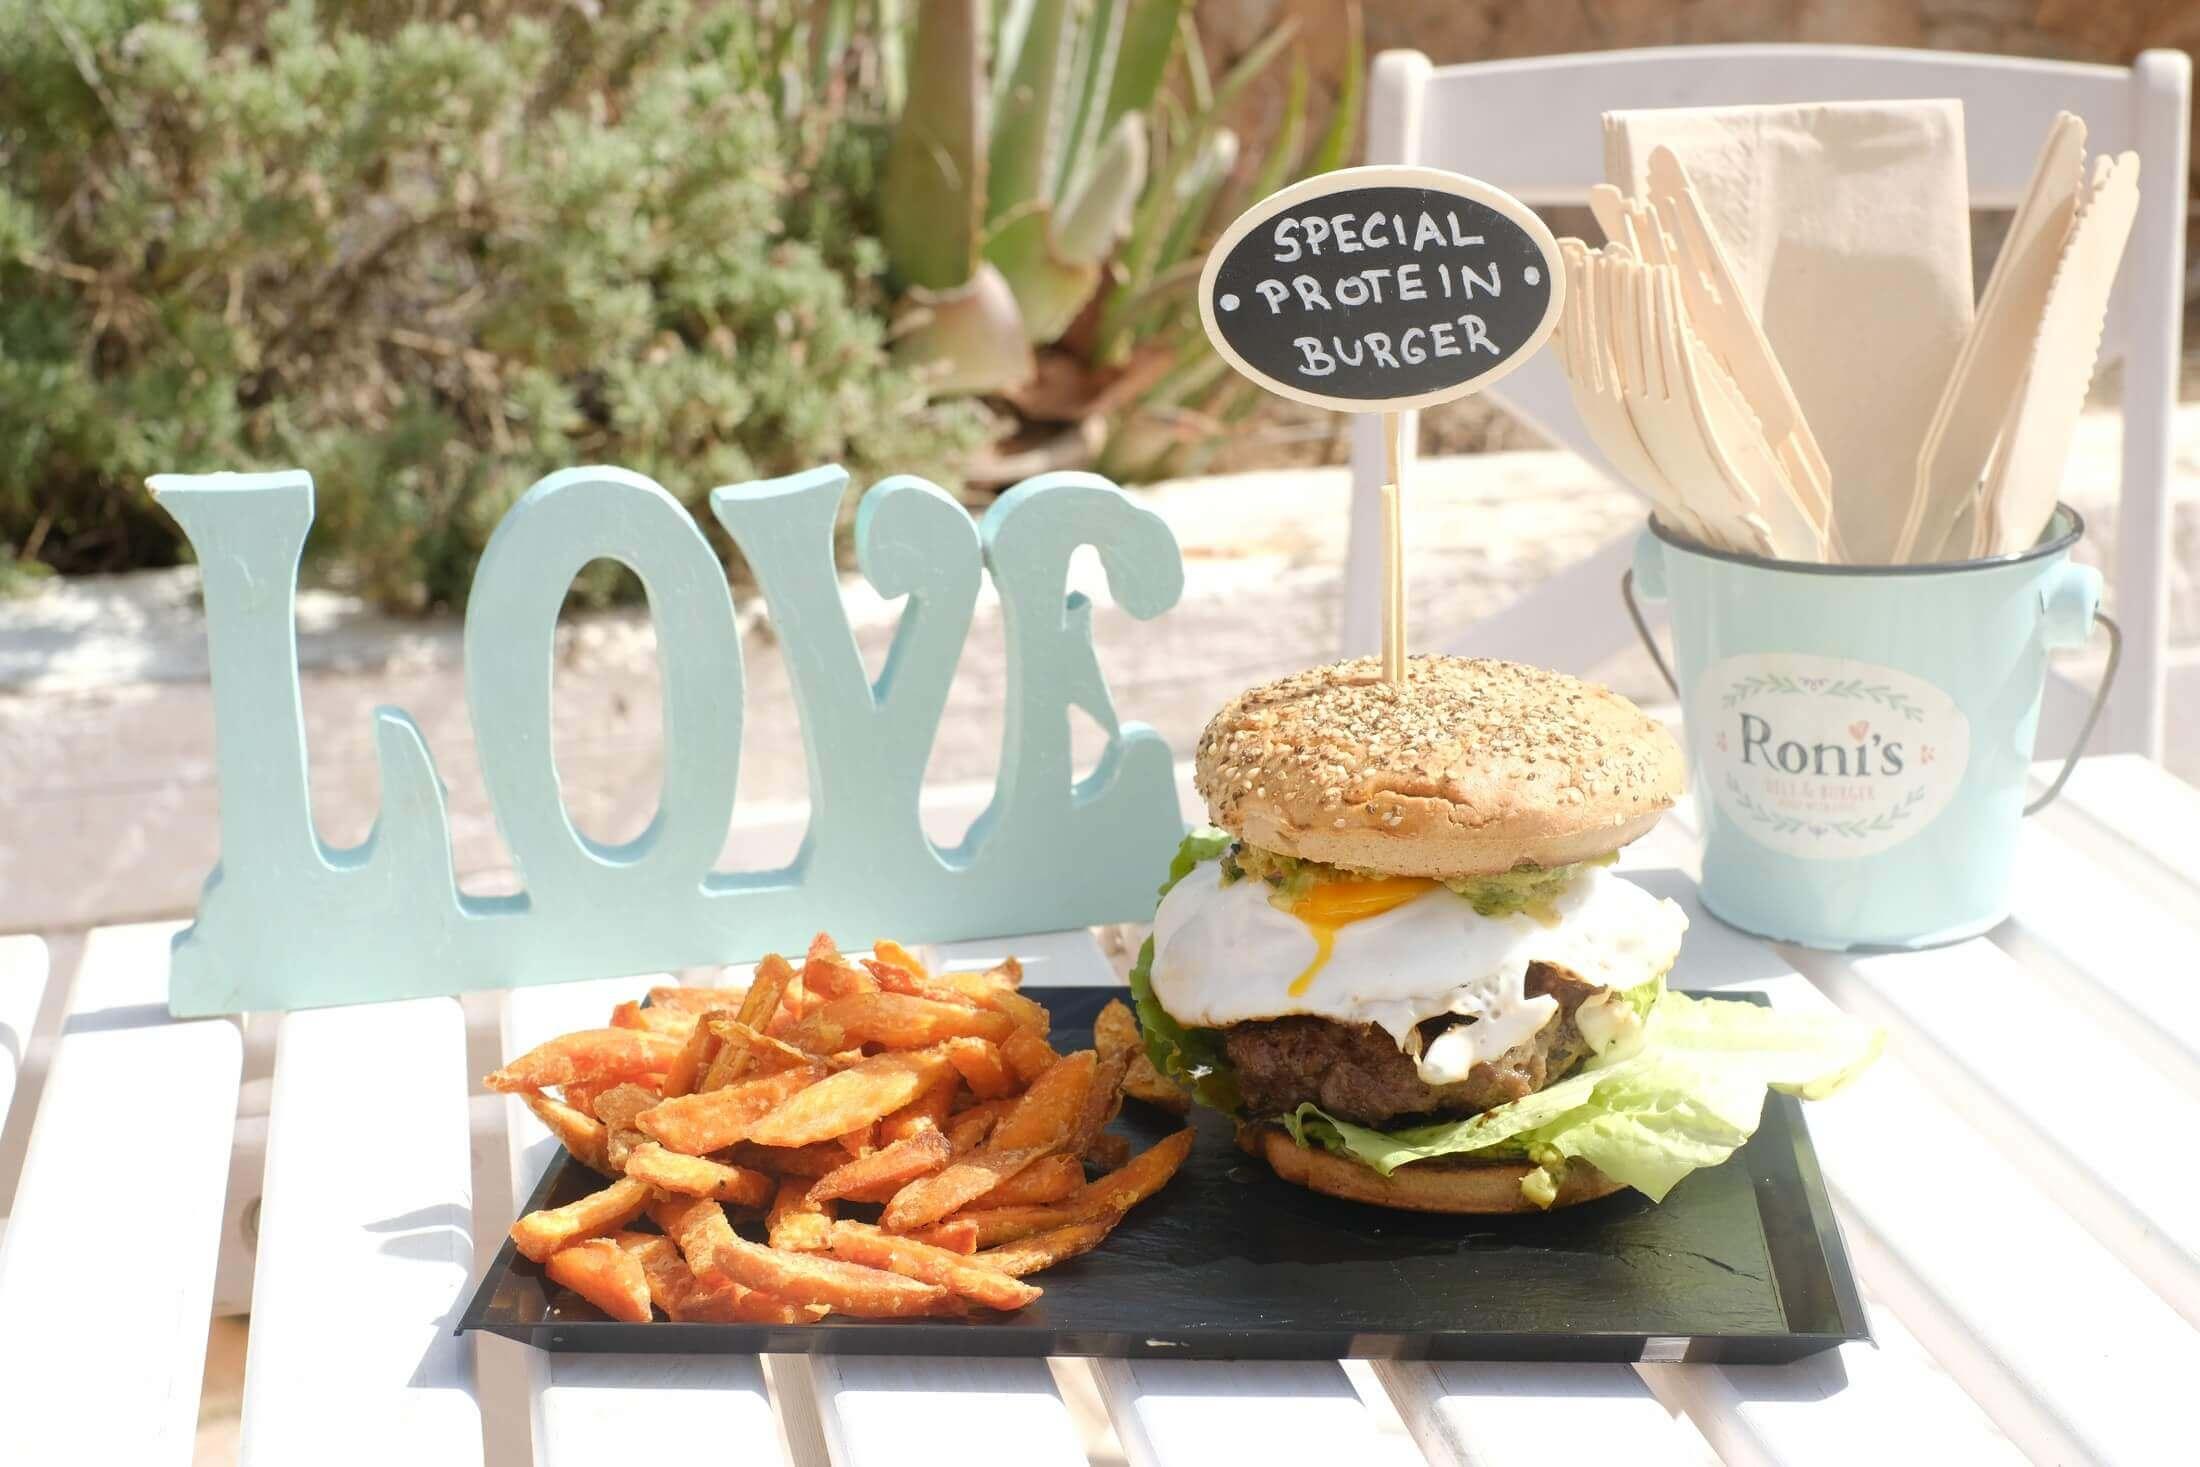 burger-ibiza-special-protein-burger